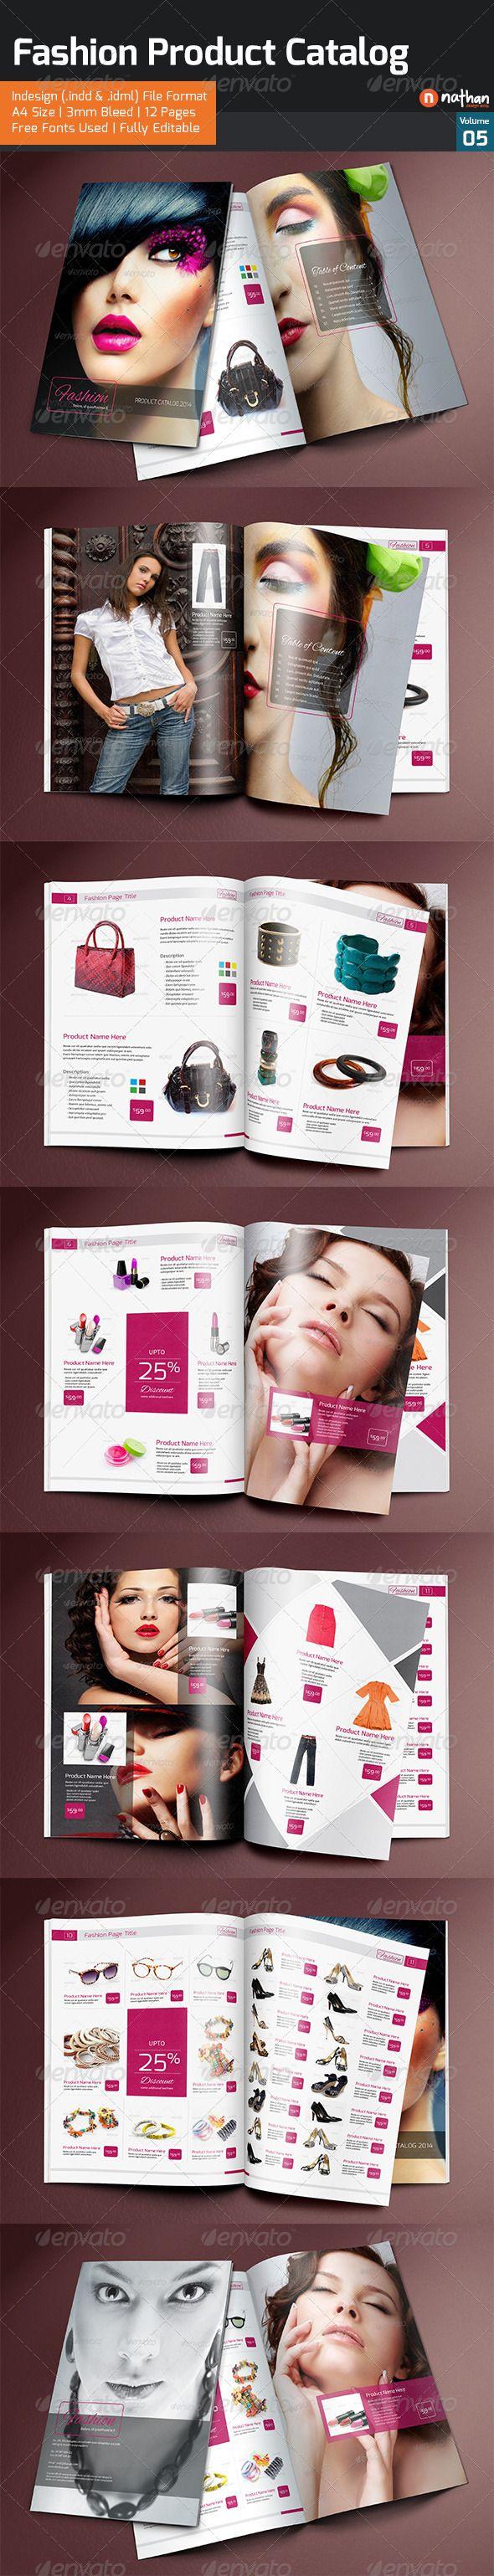 Fashion Product Catalog V5